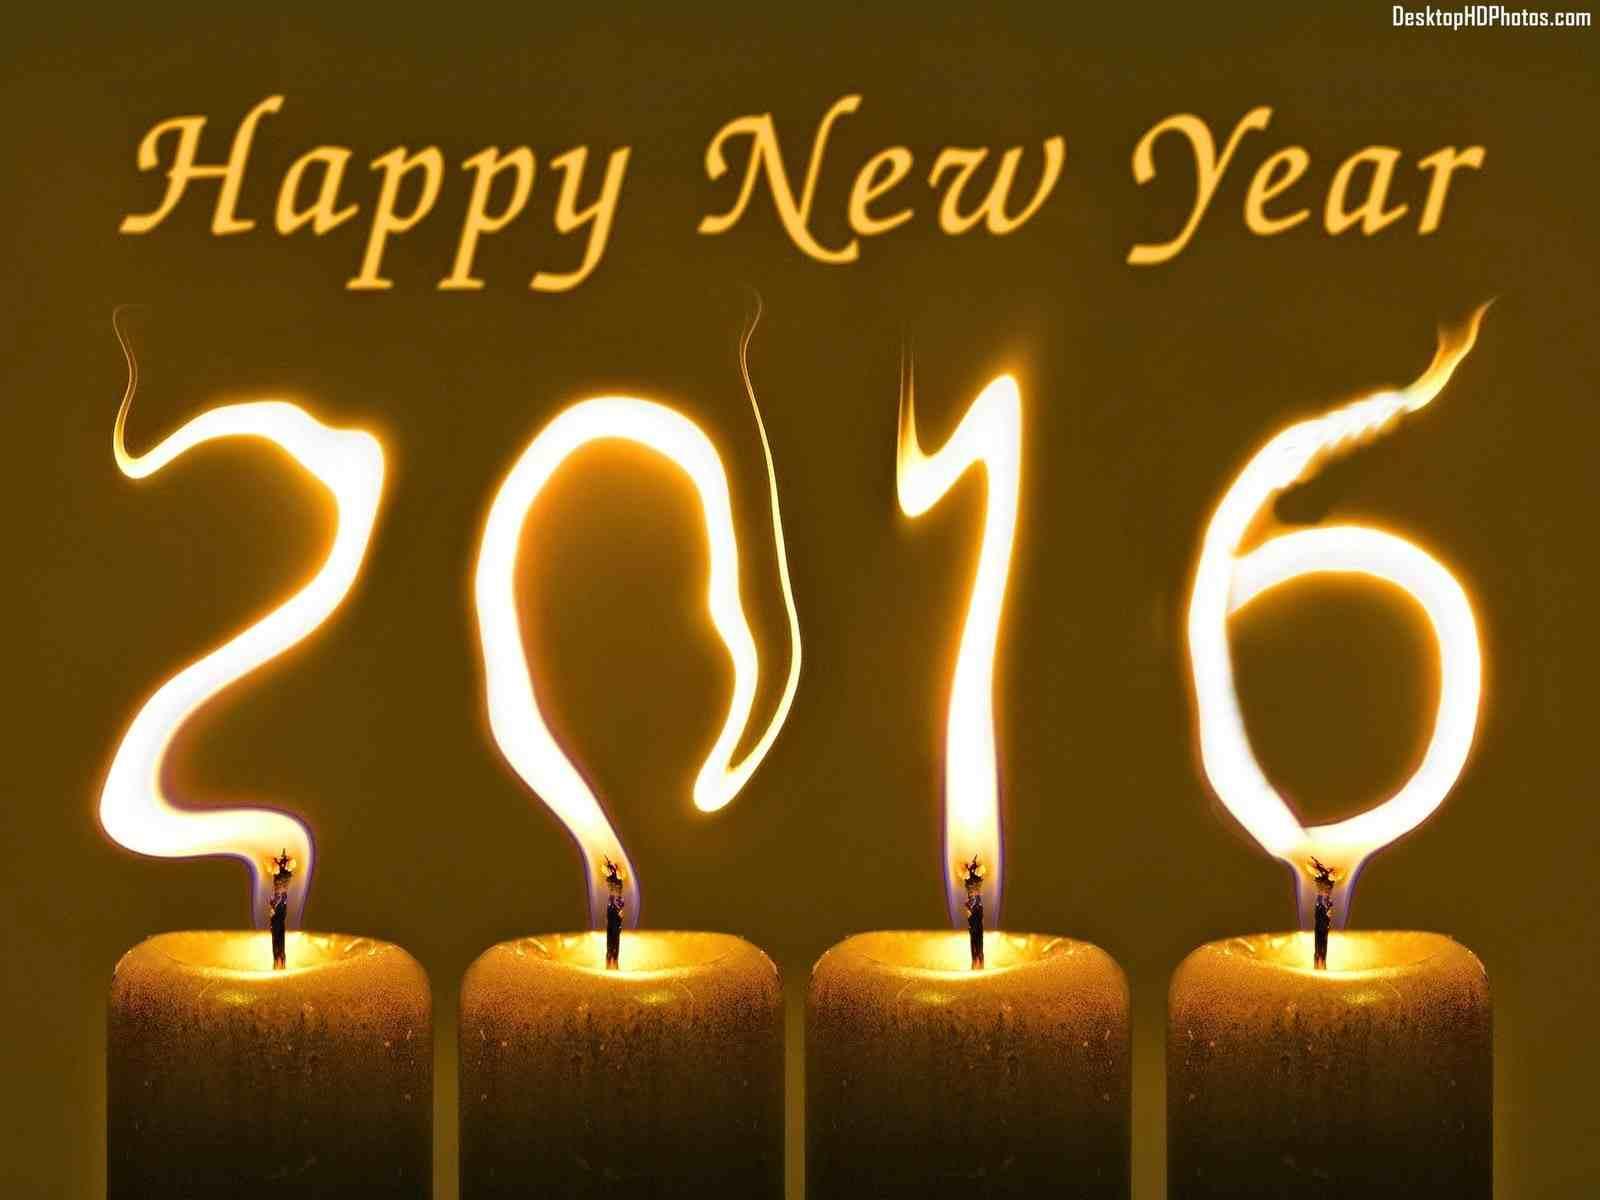 رسائل تهنئة بالسنة الجديدة 2016 مسجات تهنئة 2016